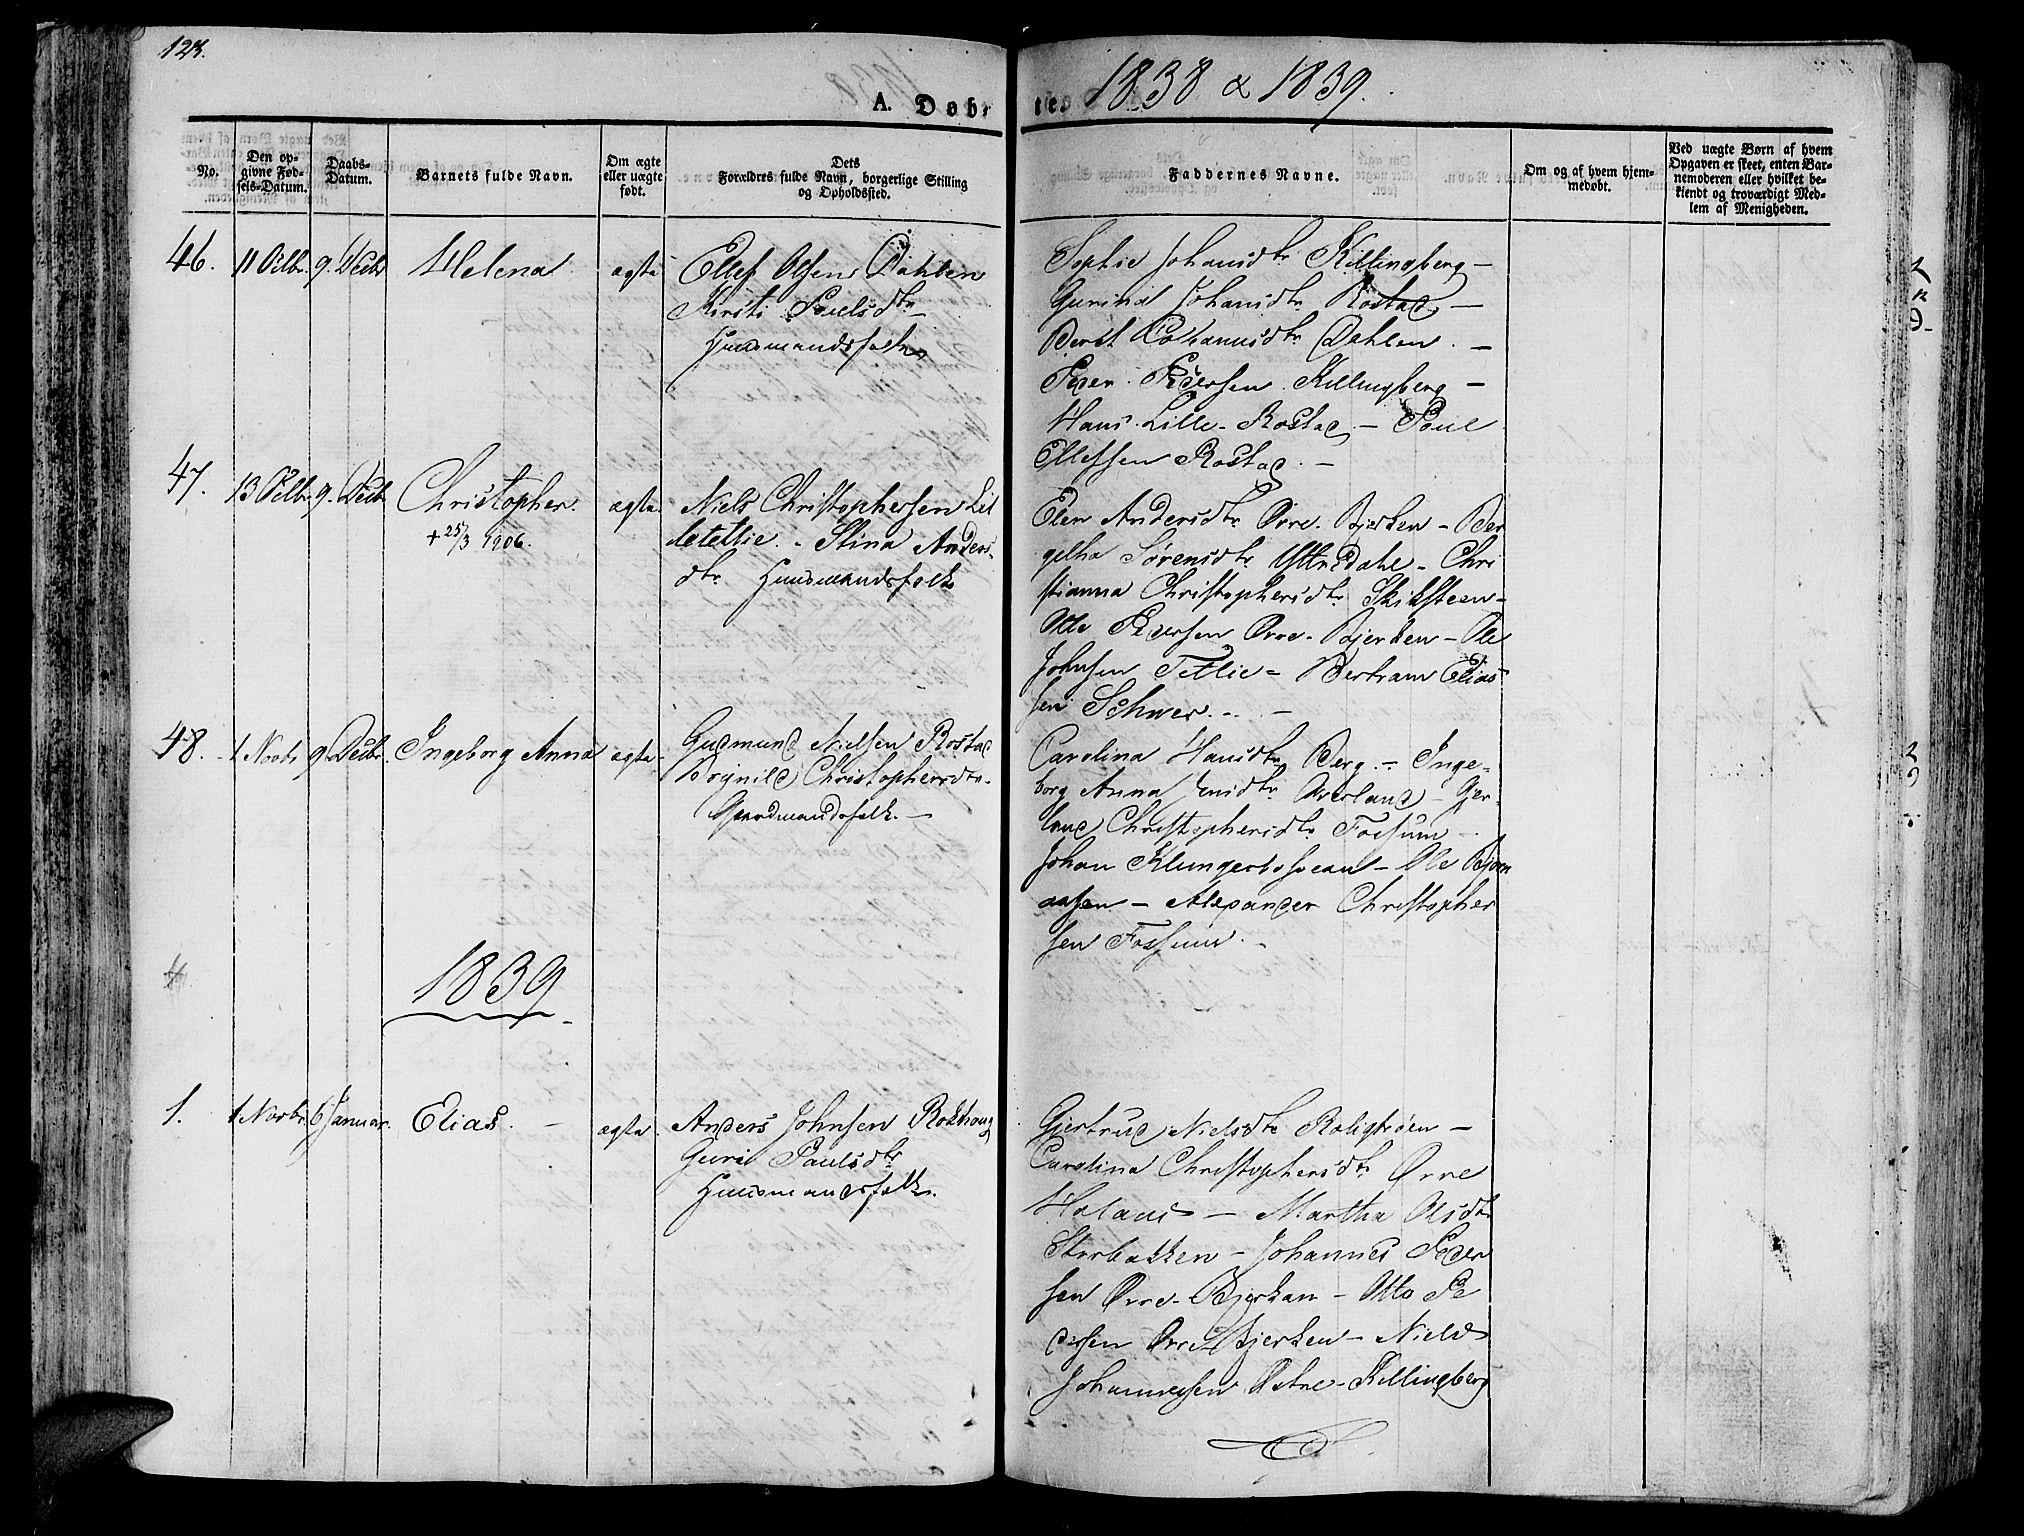 SAT, Ministerialprotokoller, klokkerbøker og fødselsregistre - Nord-Trøndelag, 701/L0006: Ministerialbok nr. 701A06, 1825-1841, s. 123